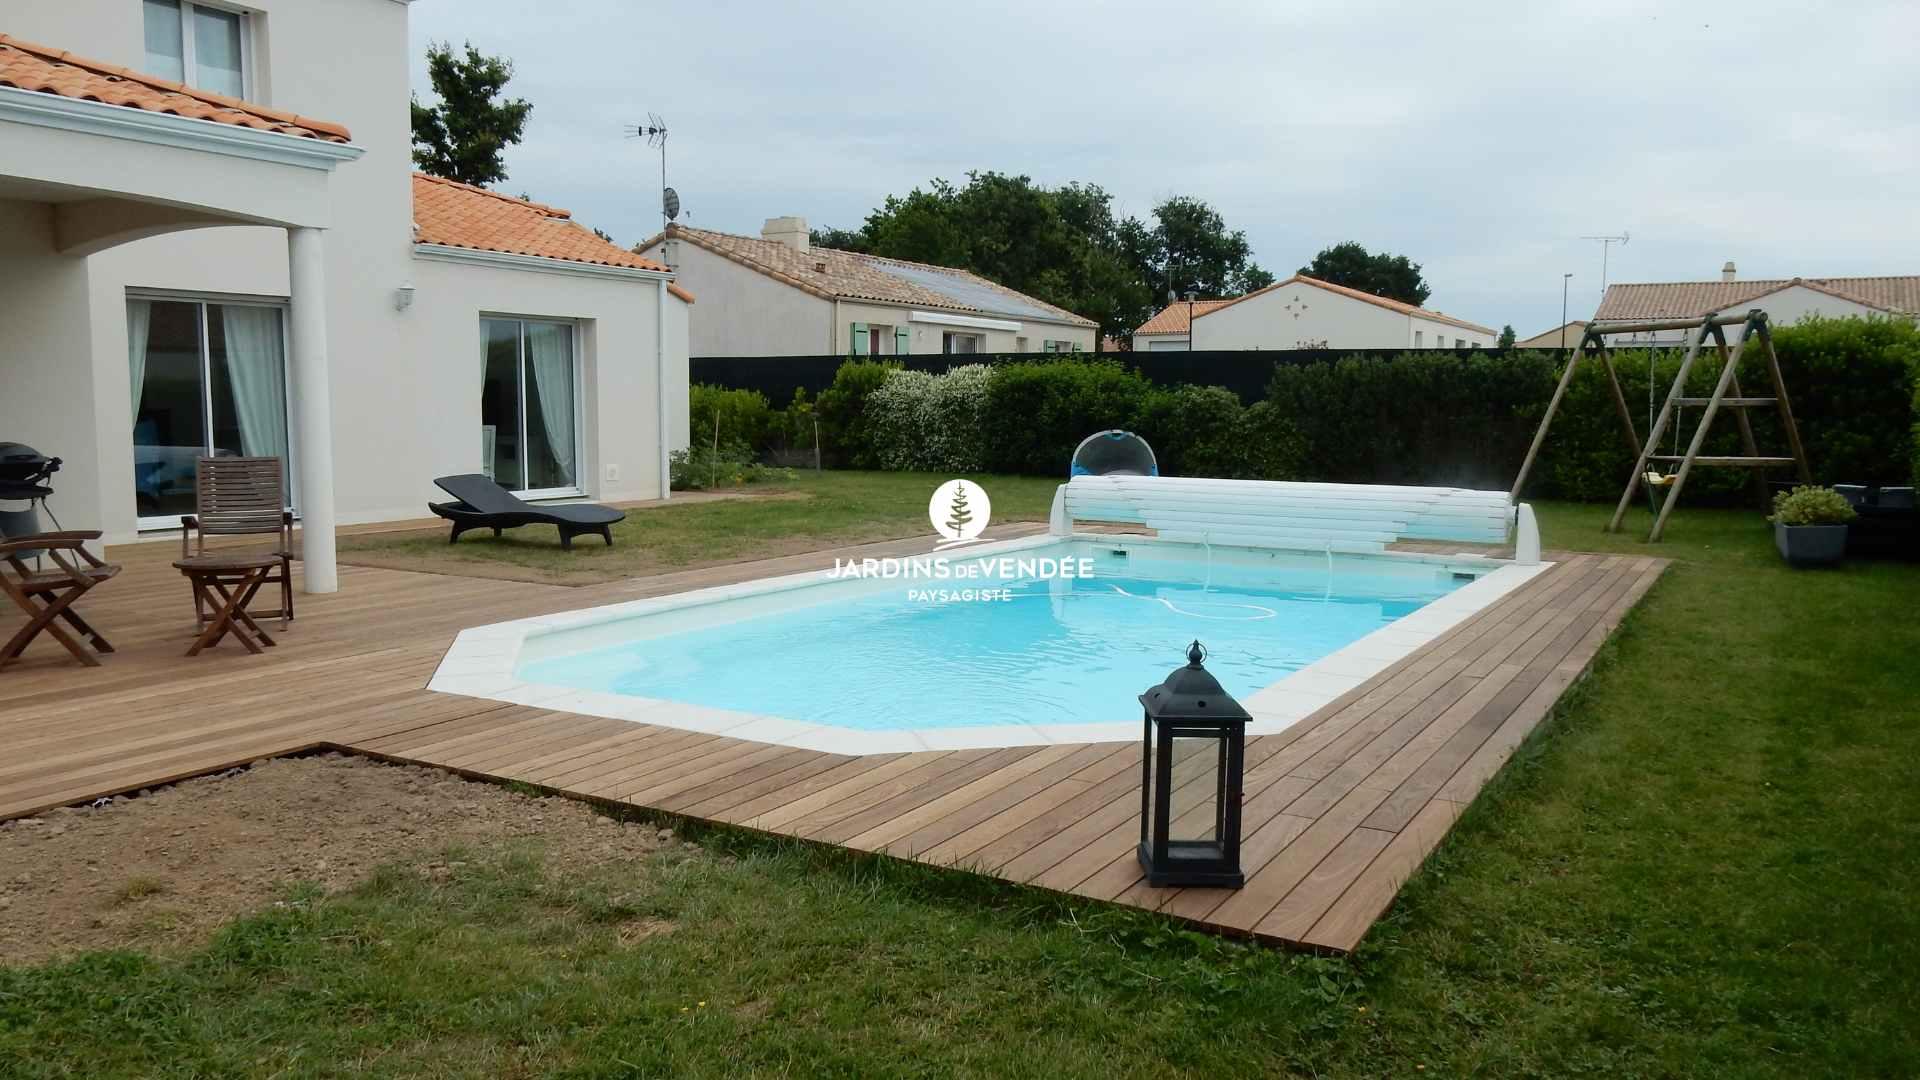 jardinsdevendee-nosrealisations-piscine14-compressed